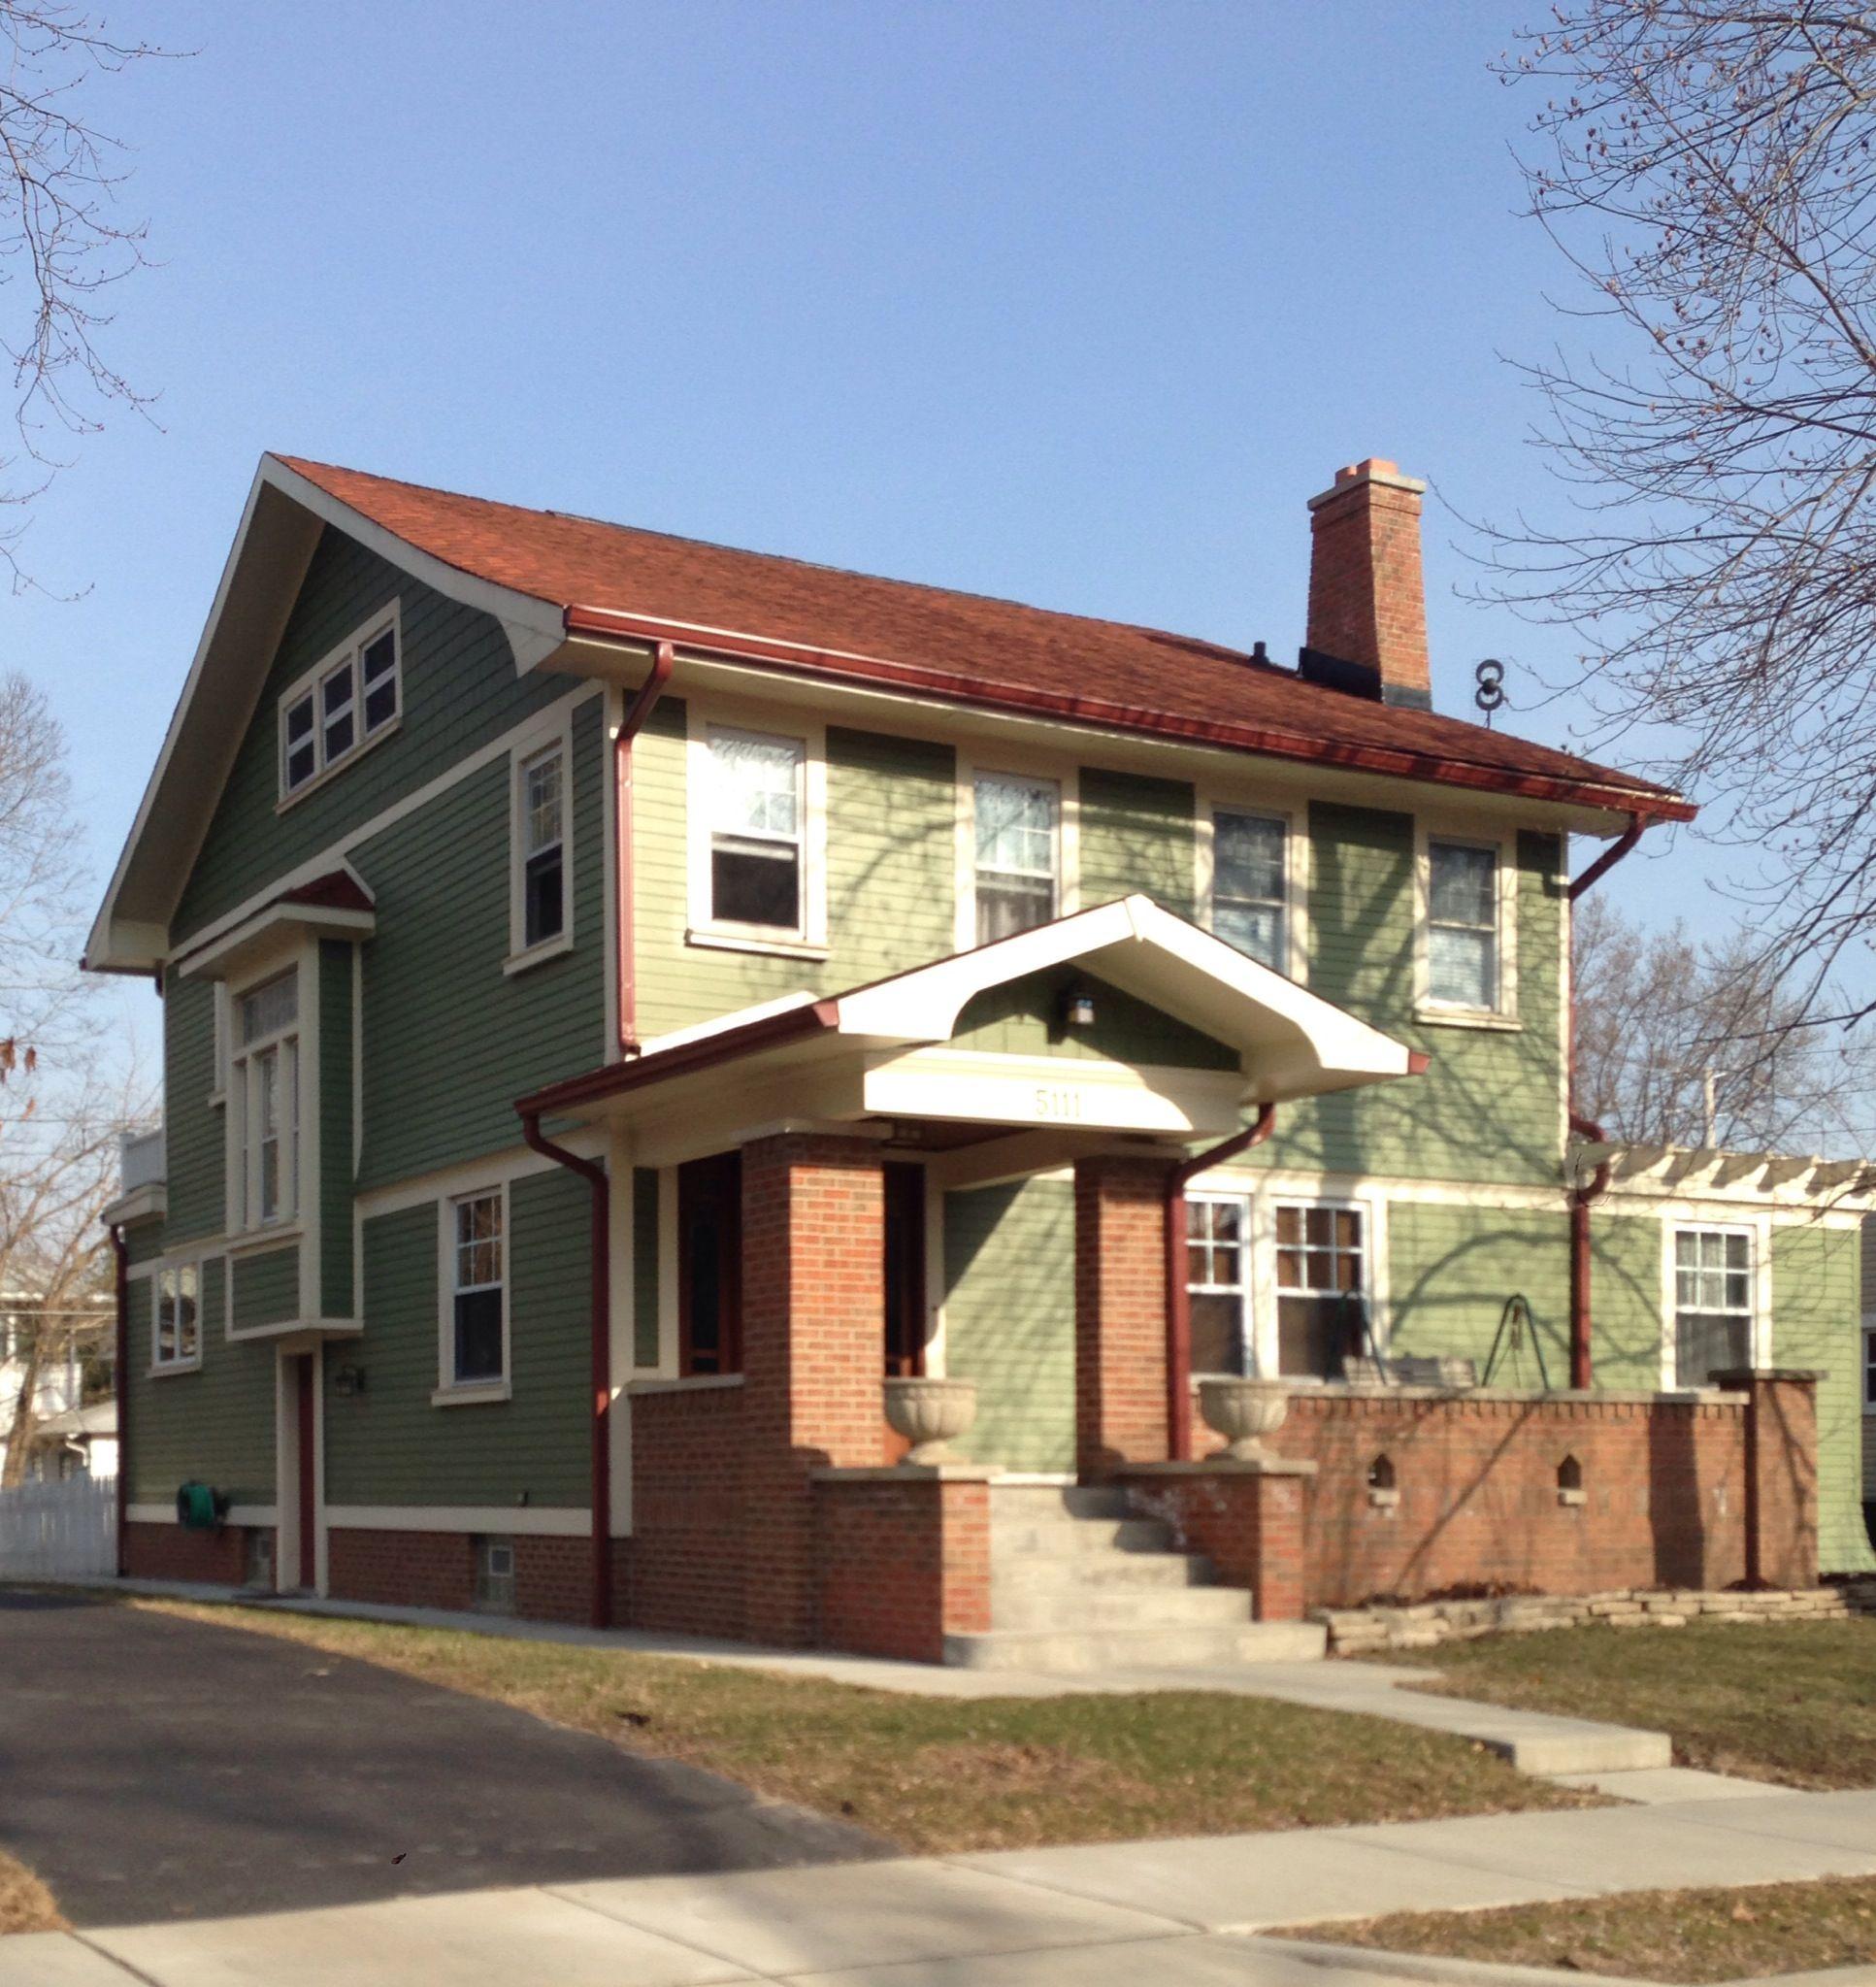 Brick porch. Cream trim. Green house.